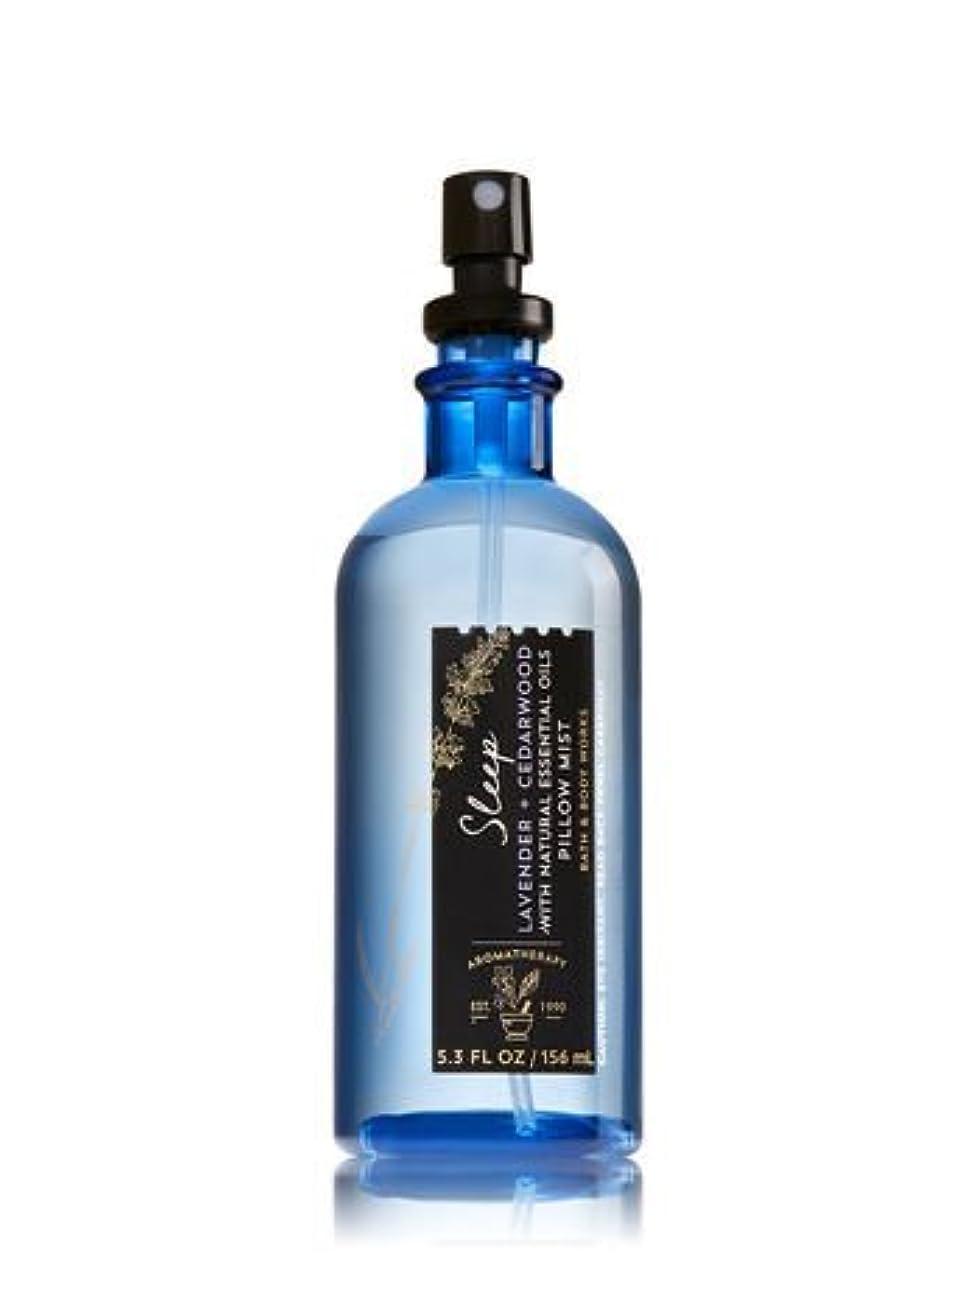 費用メダル冒険者【Bath&Body Works/バス&ボディワークス】 ピローミスト アロマセラピー スリープ ラベンダーシダーウッド Aromatherapy Pillow Mist Sleep Lavender Cedarwood 5.3 fl oz / 156 mL [並行輸入品]